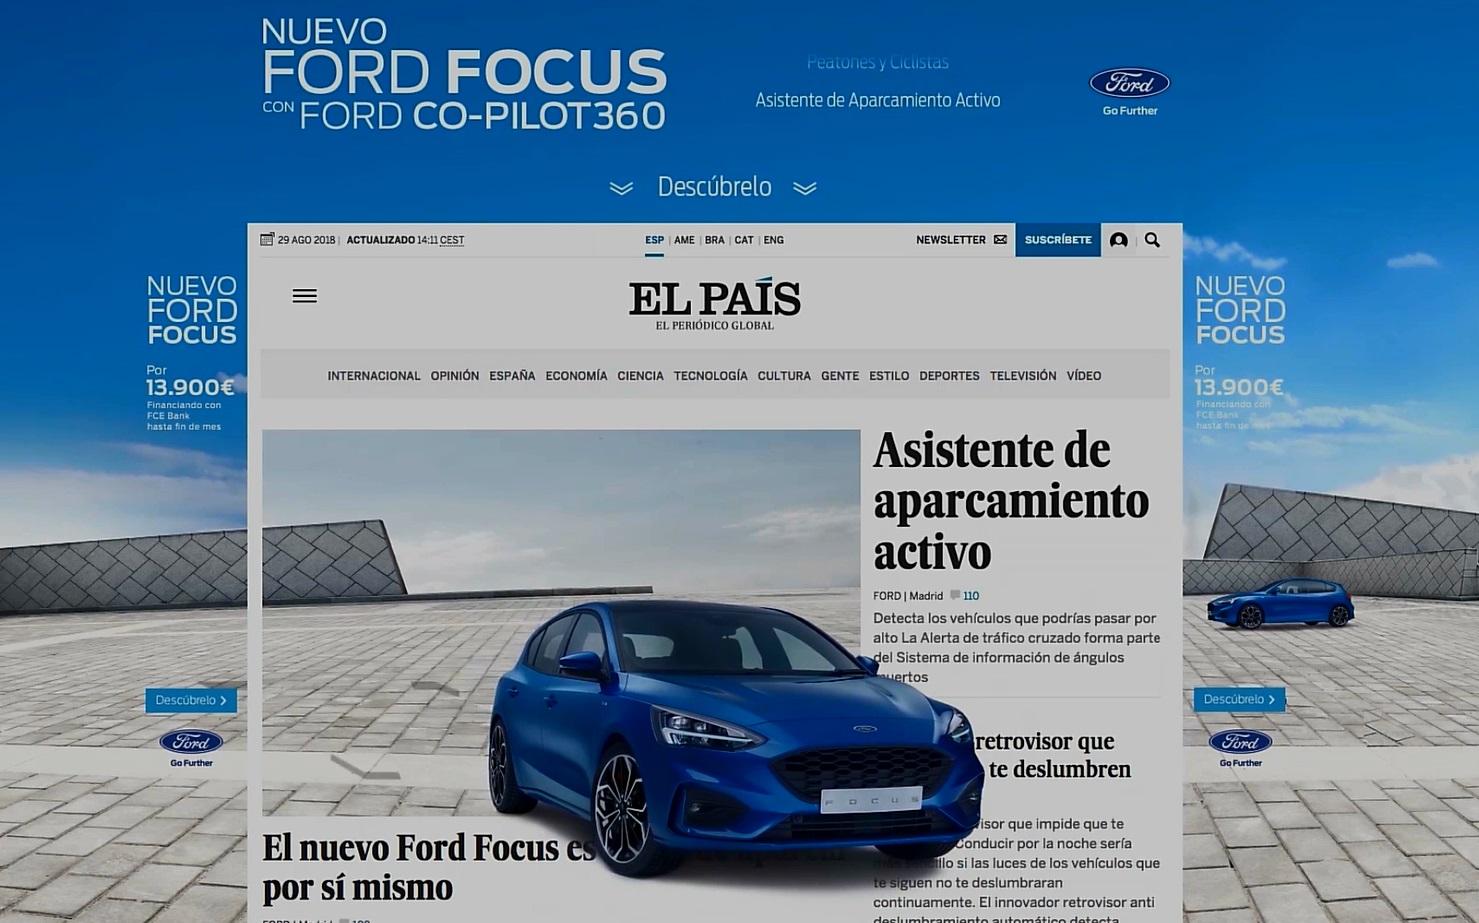 Cómo consiguió Ford disparar las peticiones de prueba del nuevo Focus